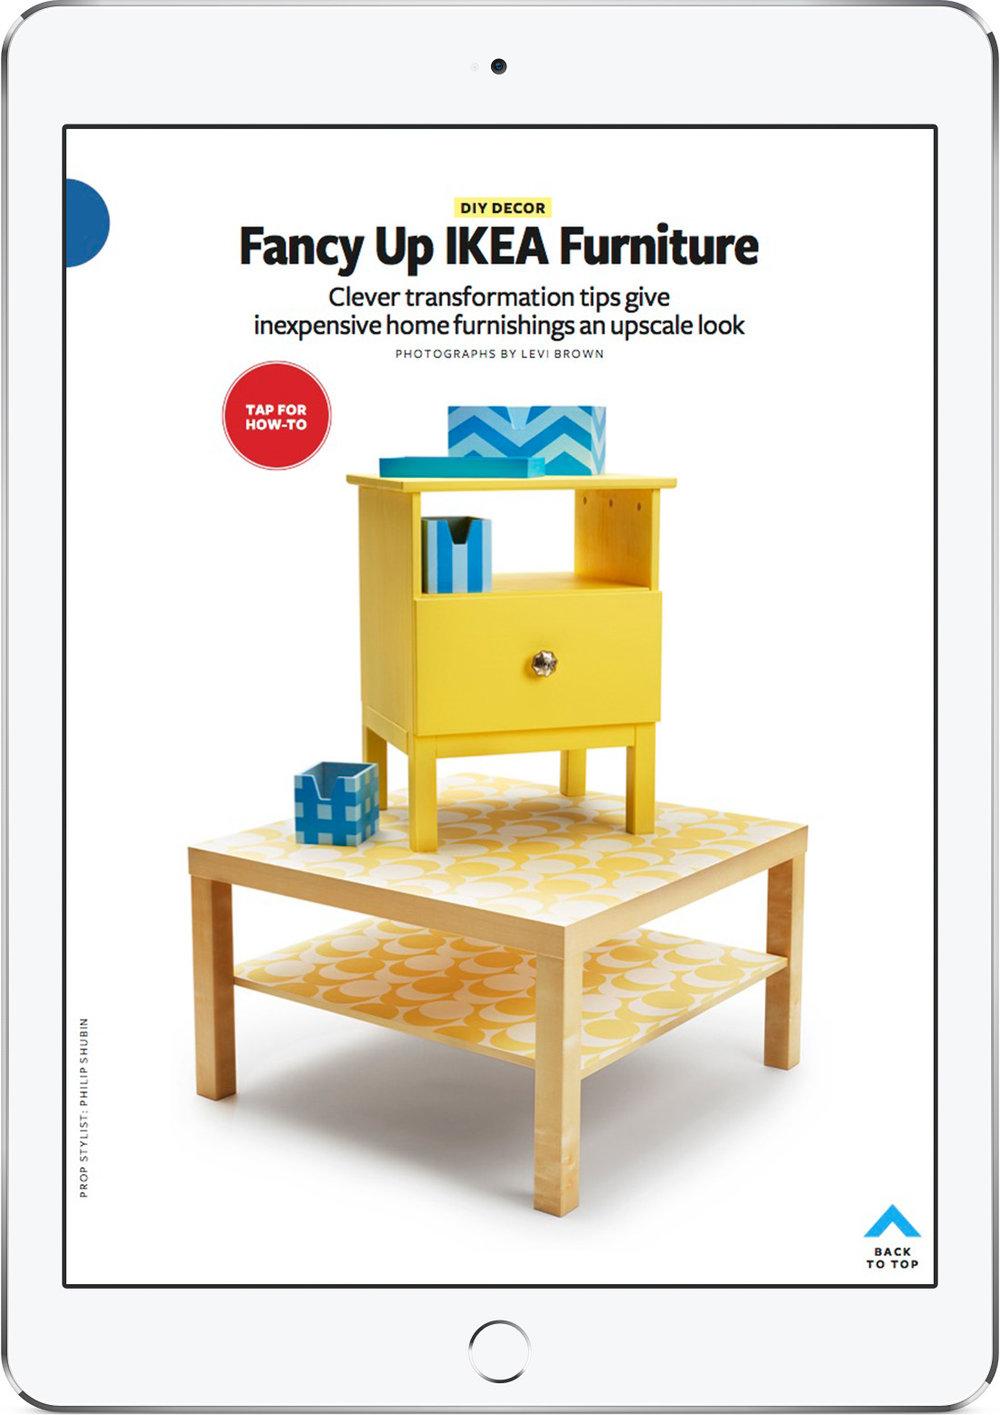 iPad_RD_Ikea_2.jpg